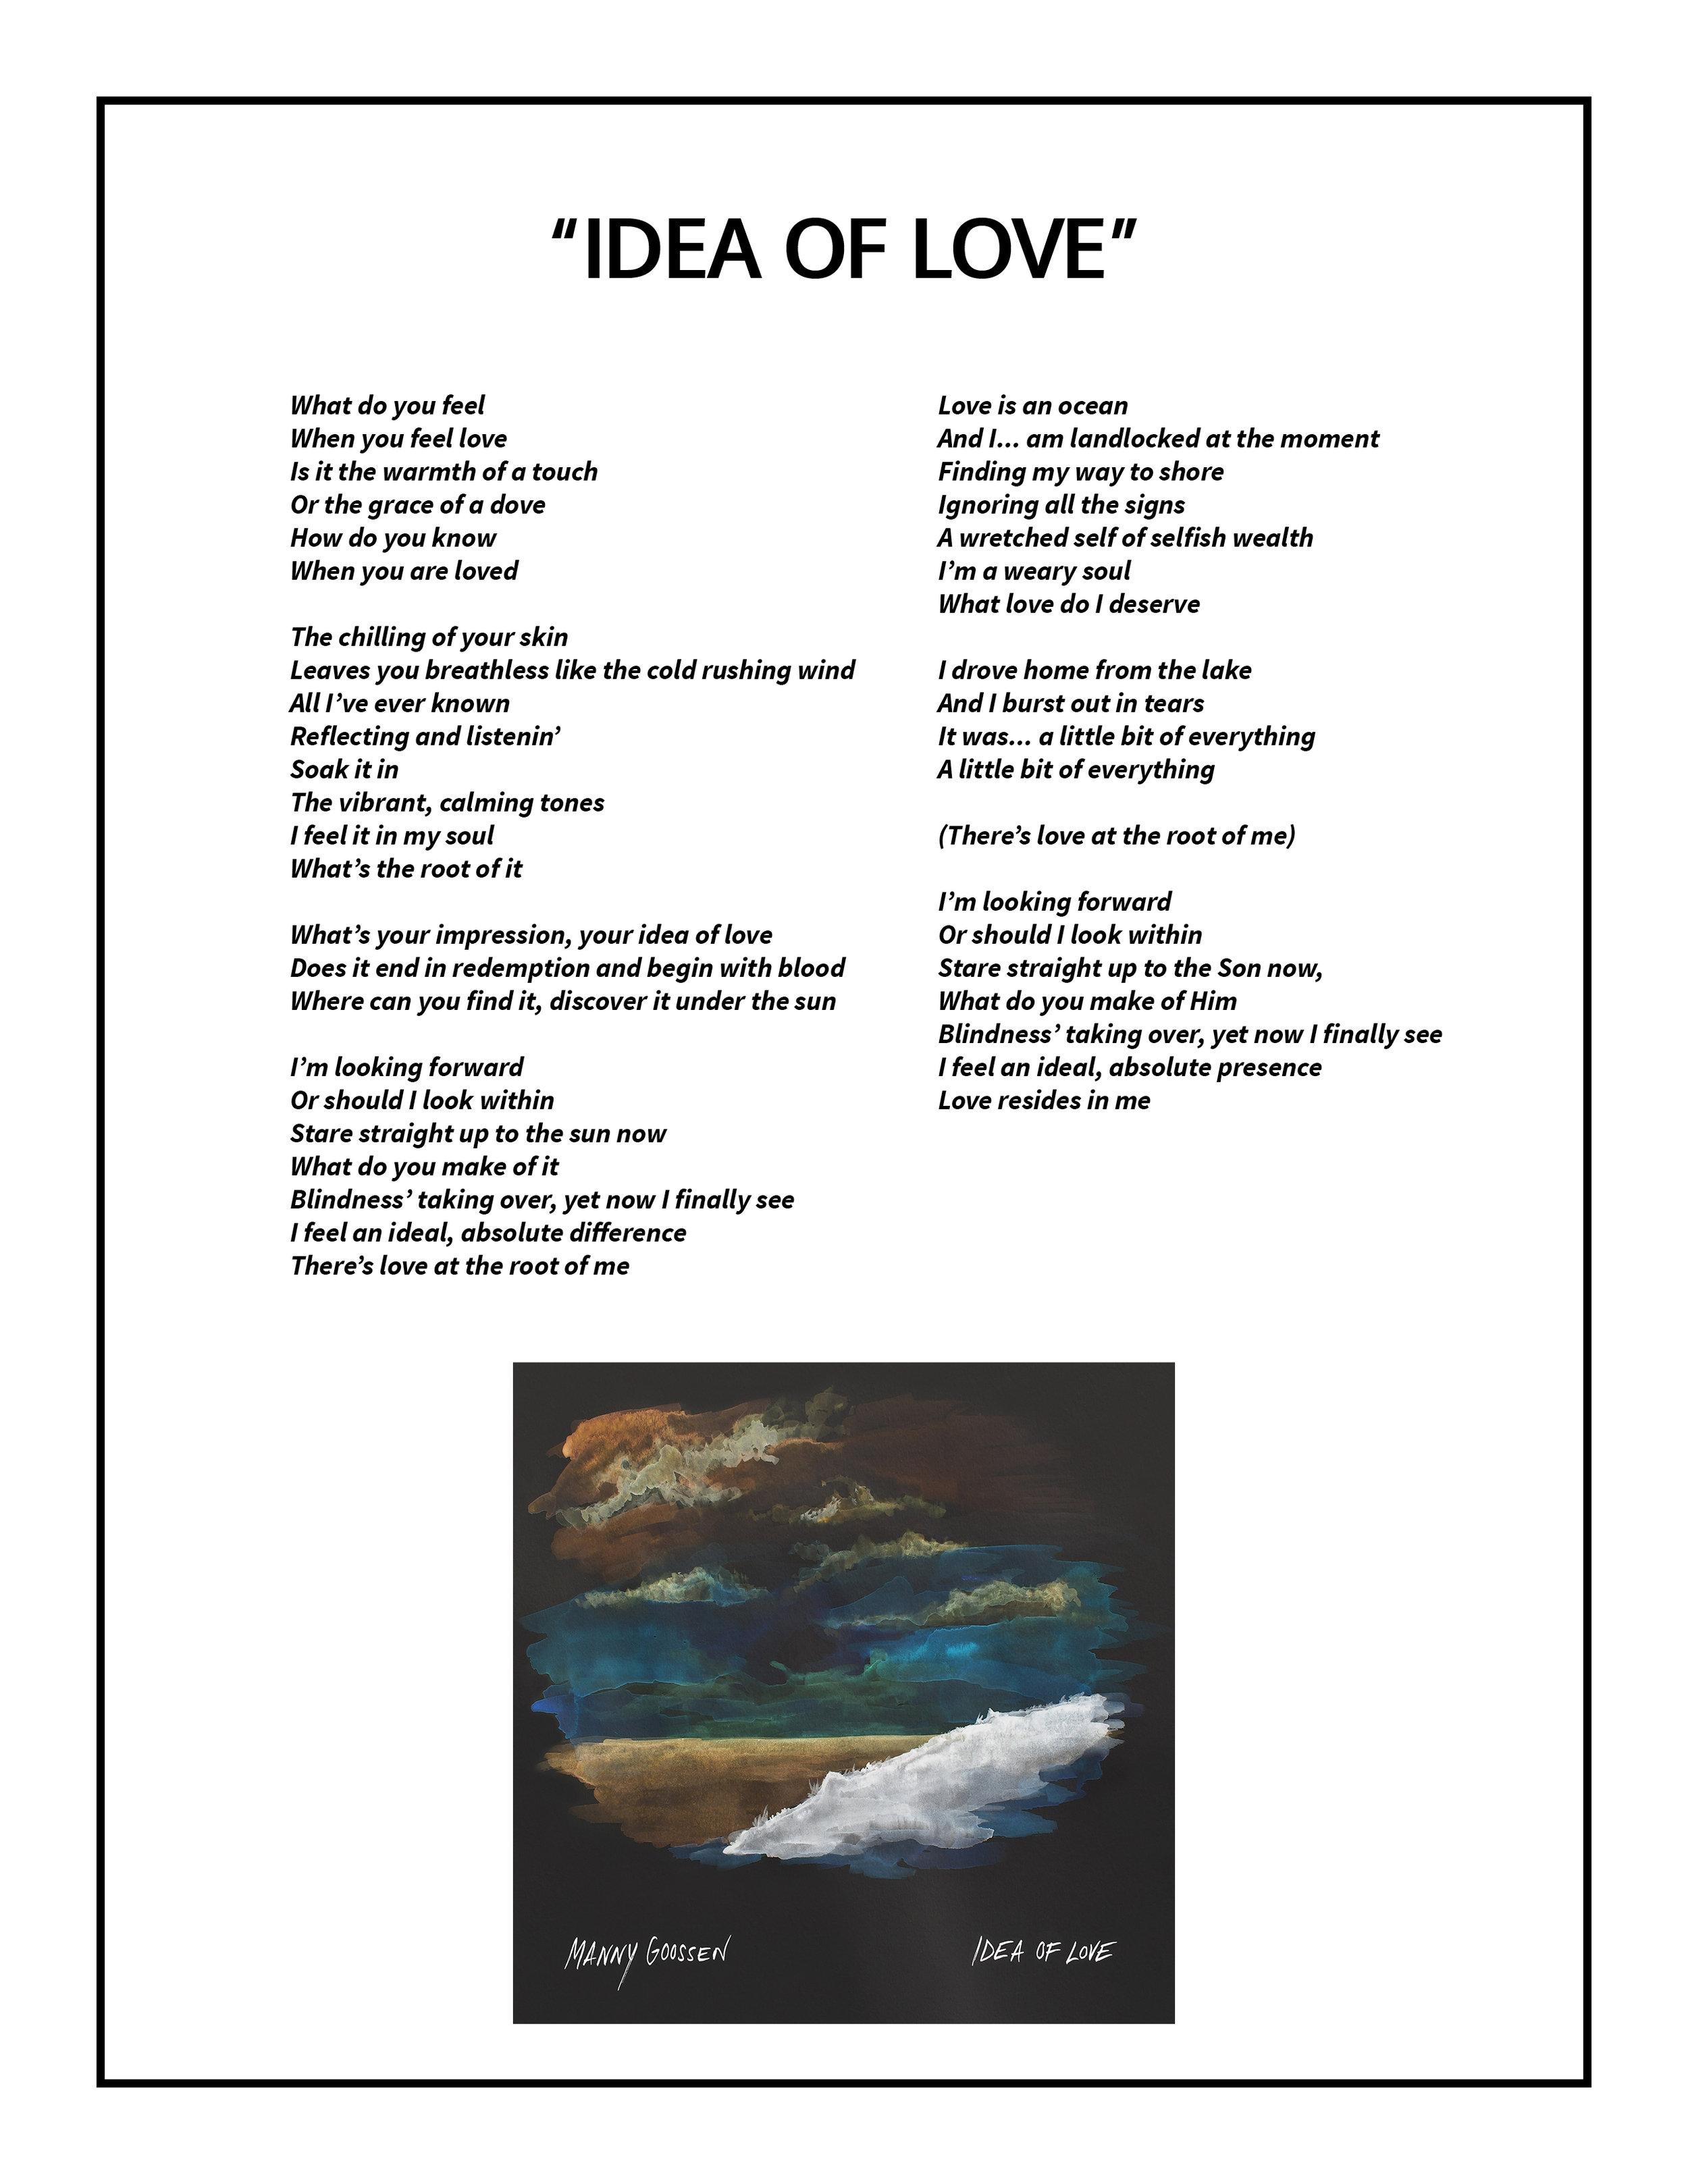 Idea of Love Lyrics